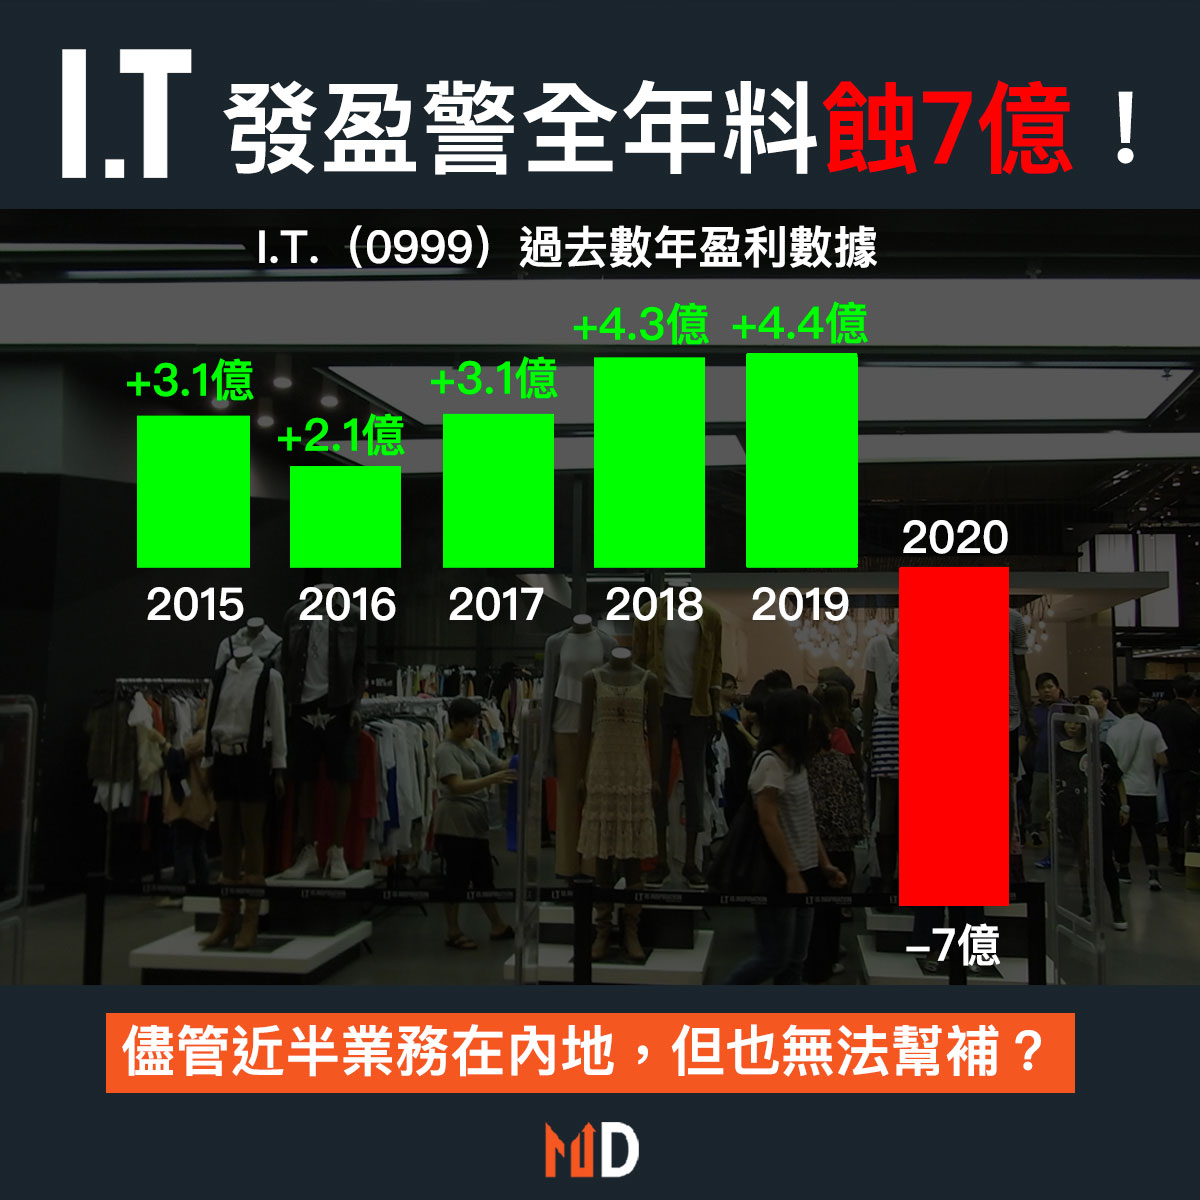 【市場熱話】I.T發盈警,料香港社會動盪致今年蝕最少7億